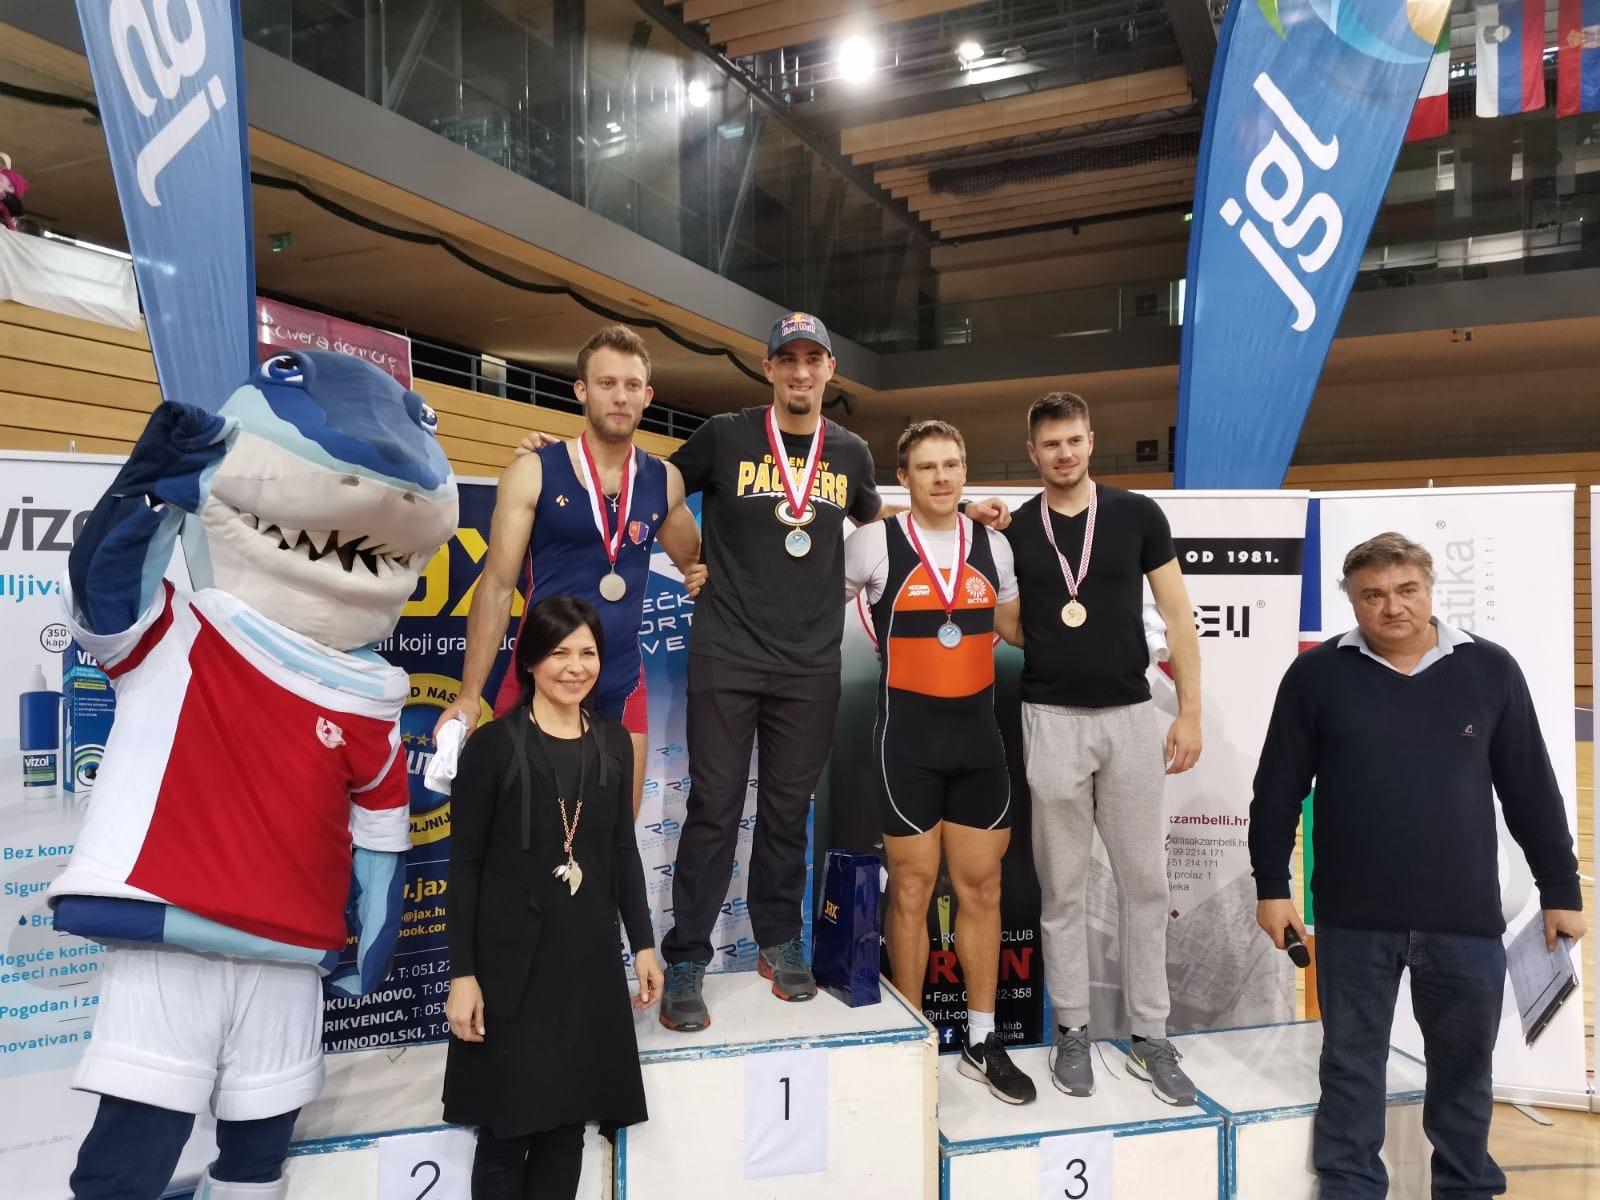 Martin Sinković pobjednik nacionalnog prvenstva u ergometrima